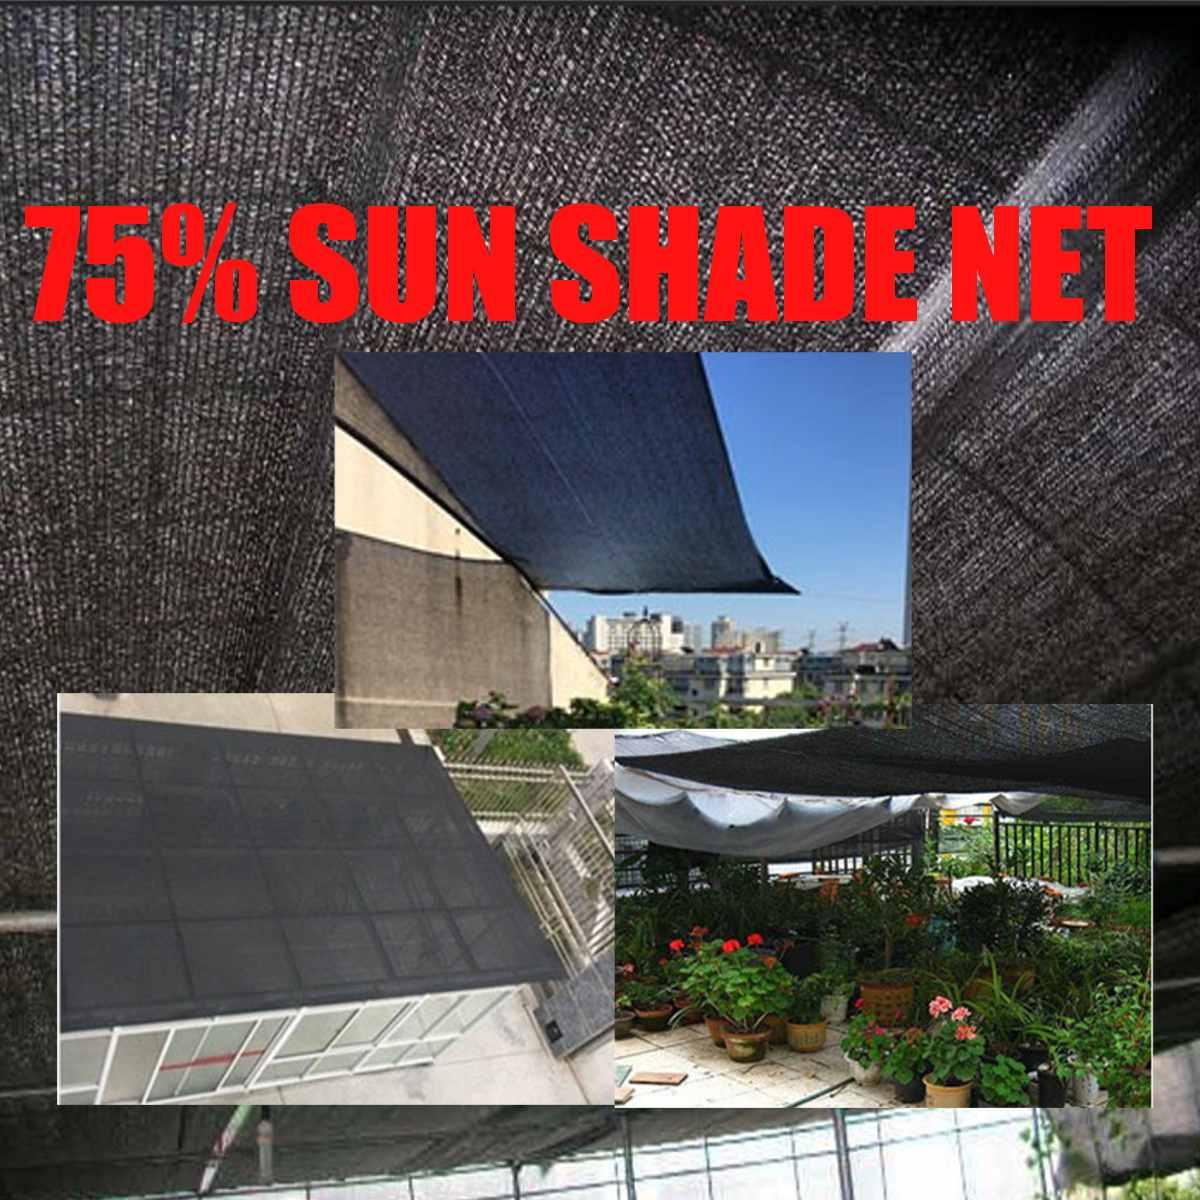 4x6 m/5x7 m universel noir soleil ombre voile Rectangle fort UV Top couverture extérieur maison jardin 75% soleil ombre Net auvent couverture nouveau